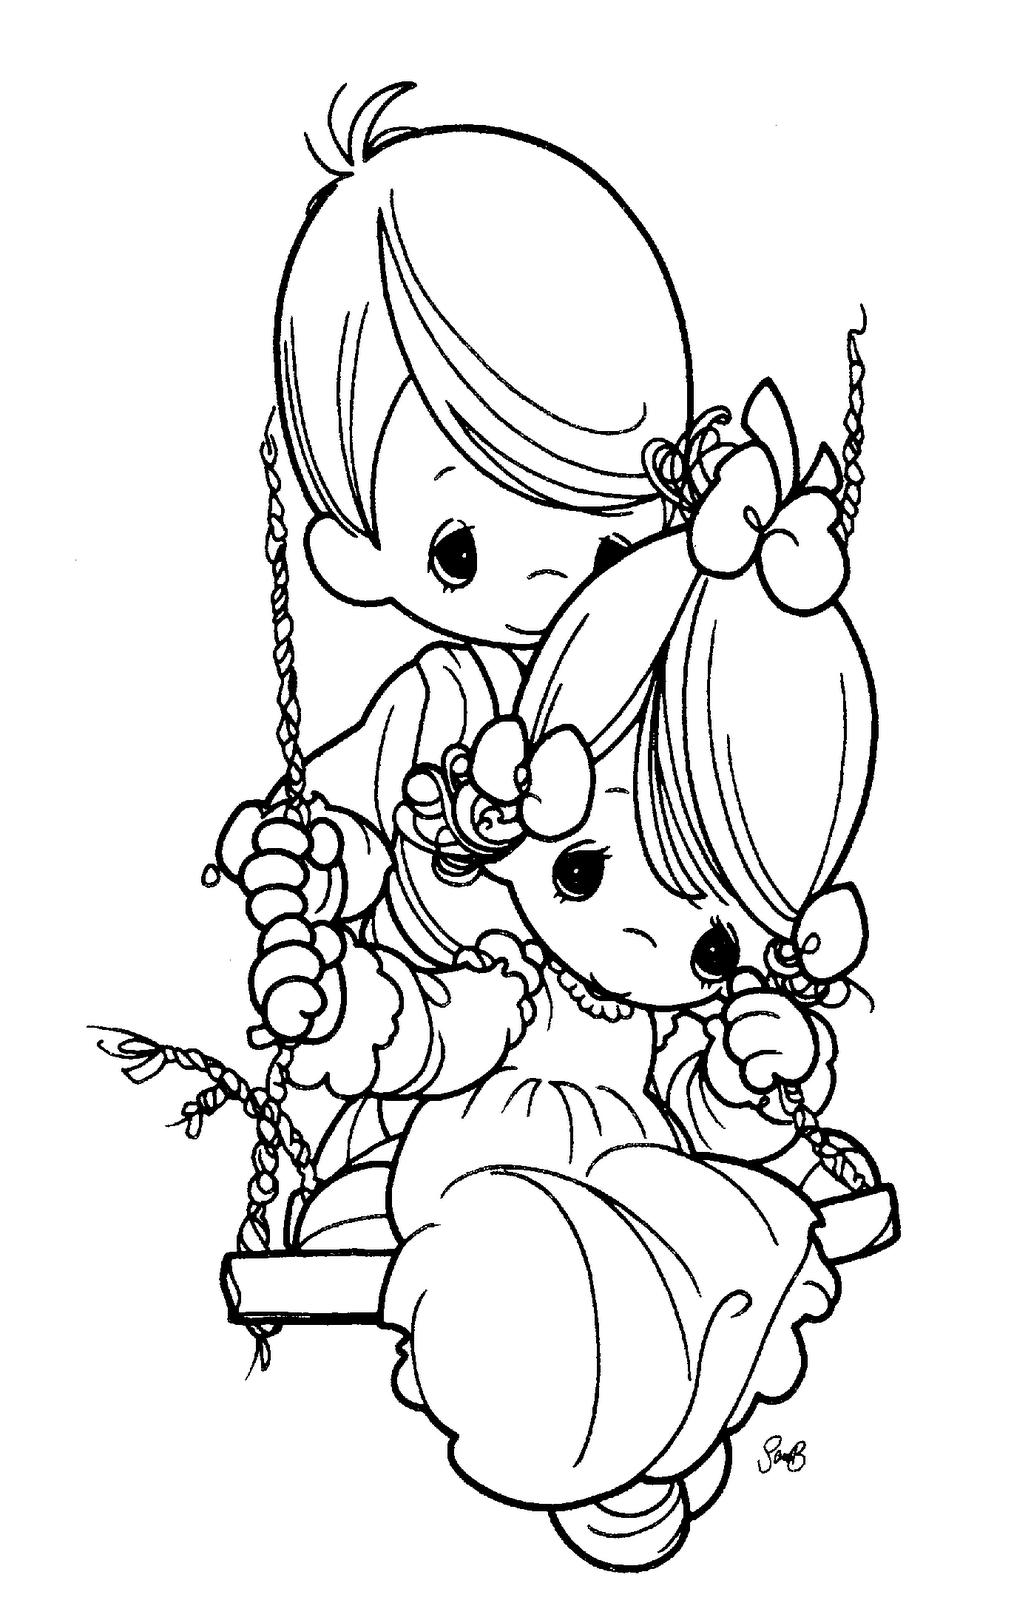 Desenhos De Amigos E Amizade Para Colorir, Pintar, Imprimir